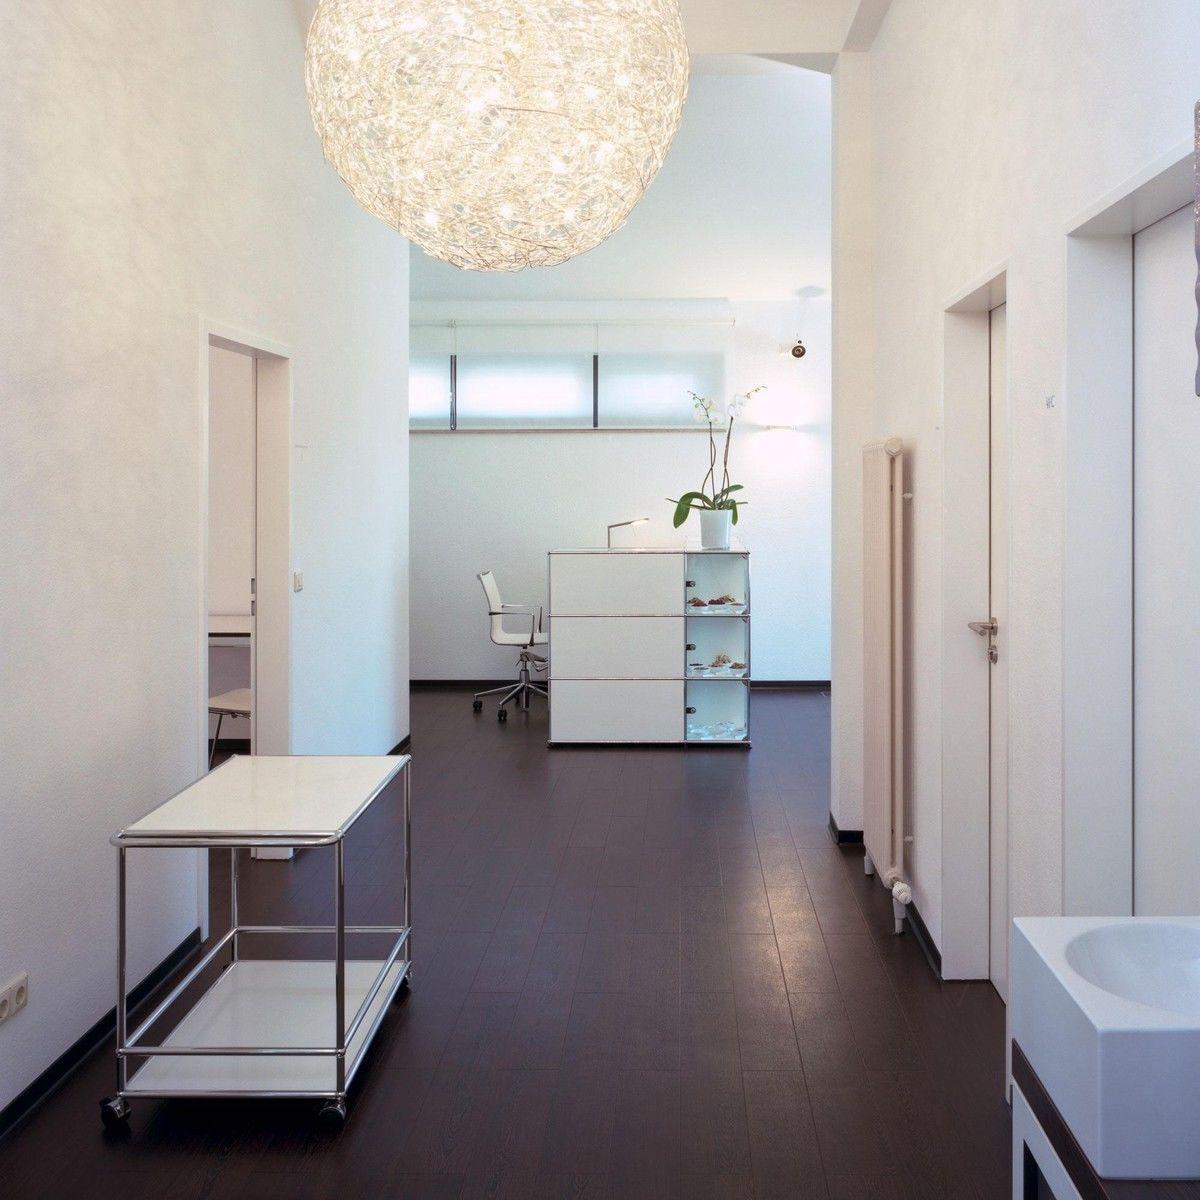 usm servierwagen usm haller. Black Bedroom Furniture Sets. Home Design Ideas